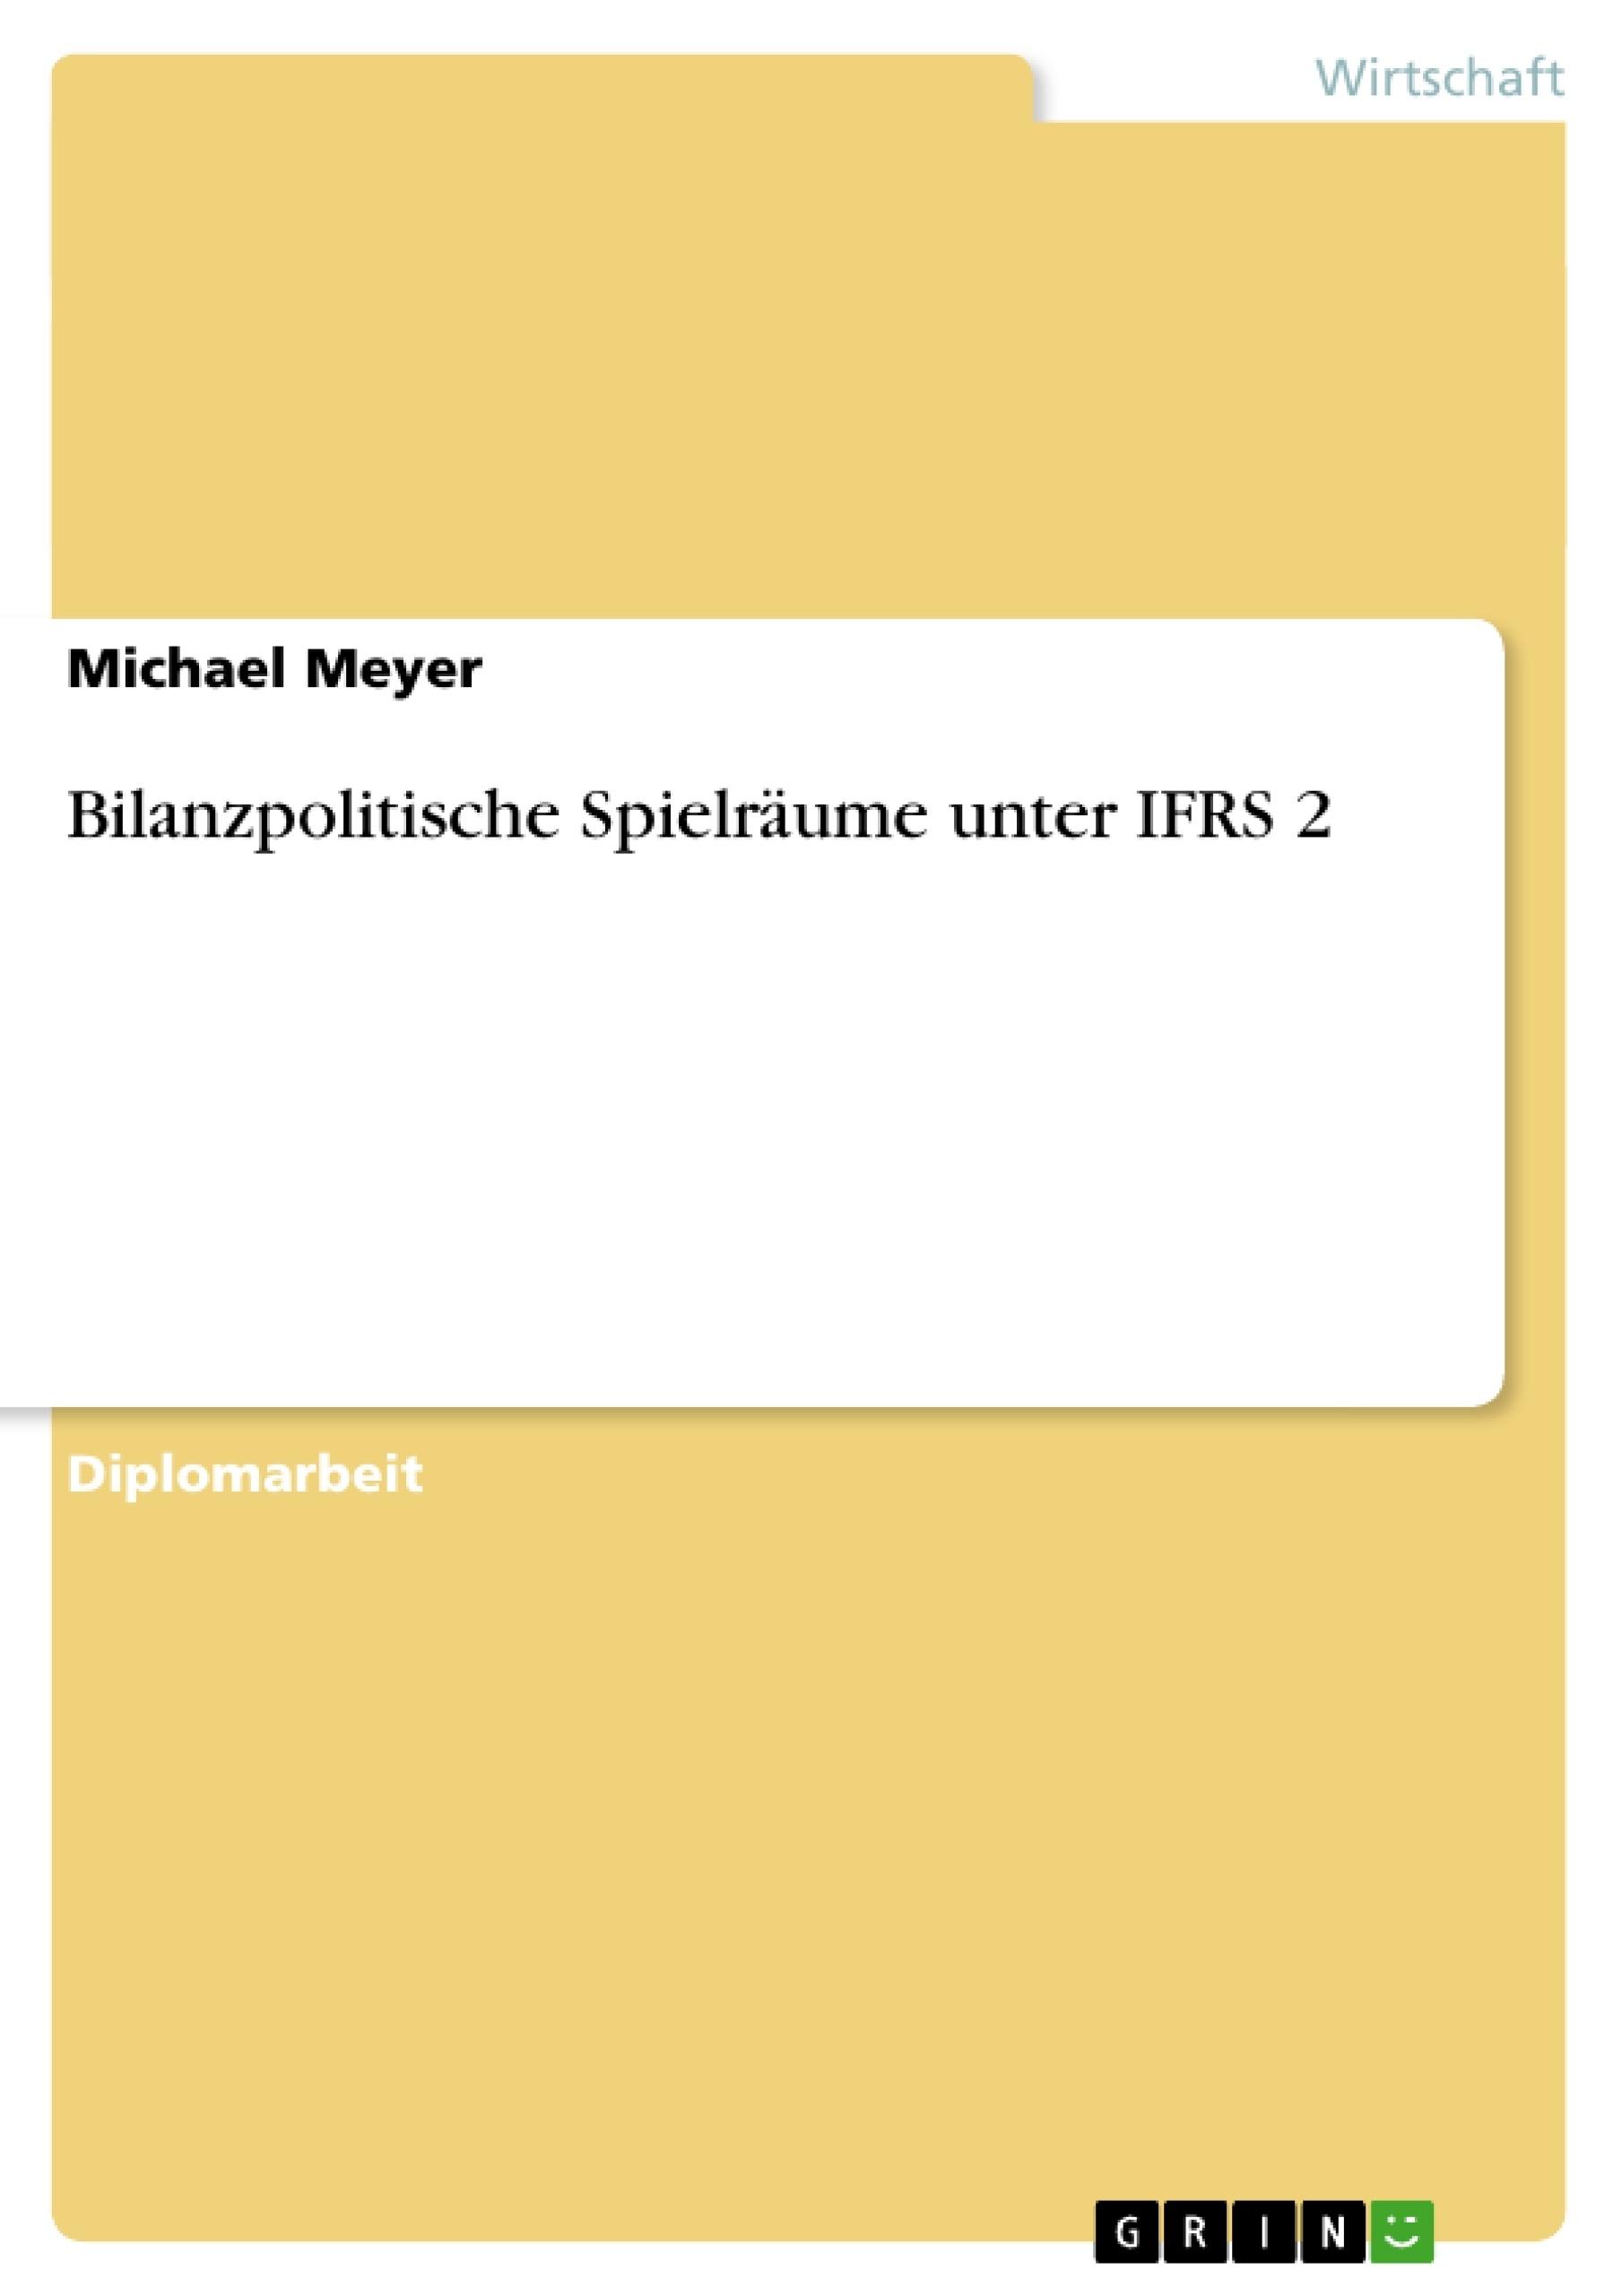 Titel: Bilanzpolitische Spielräume unter IFRS 2